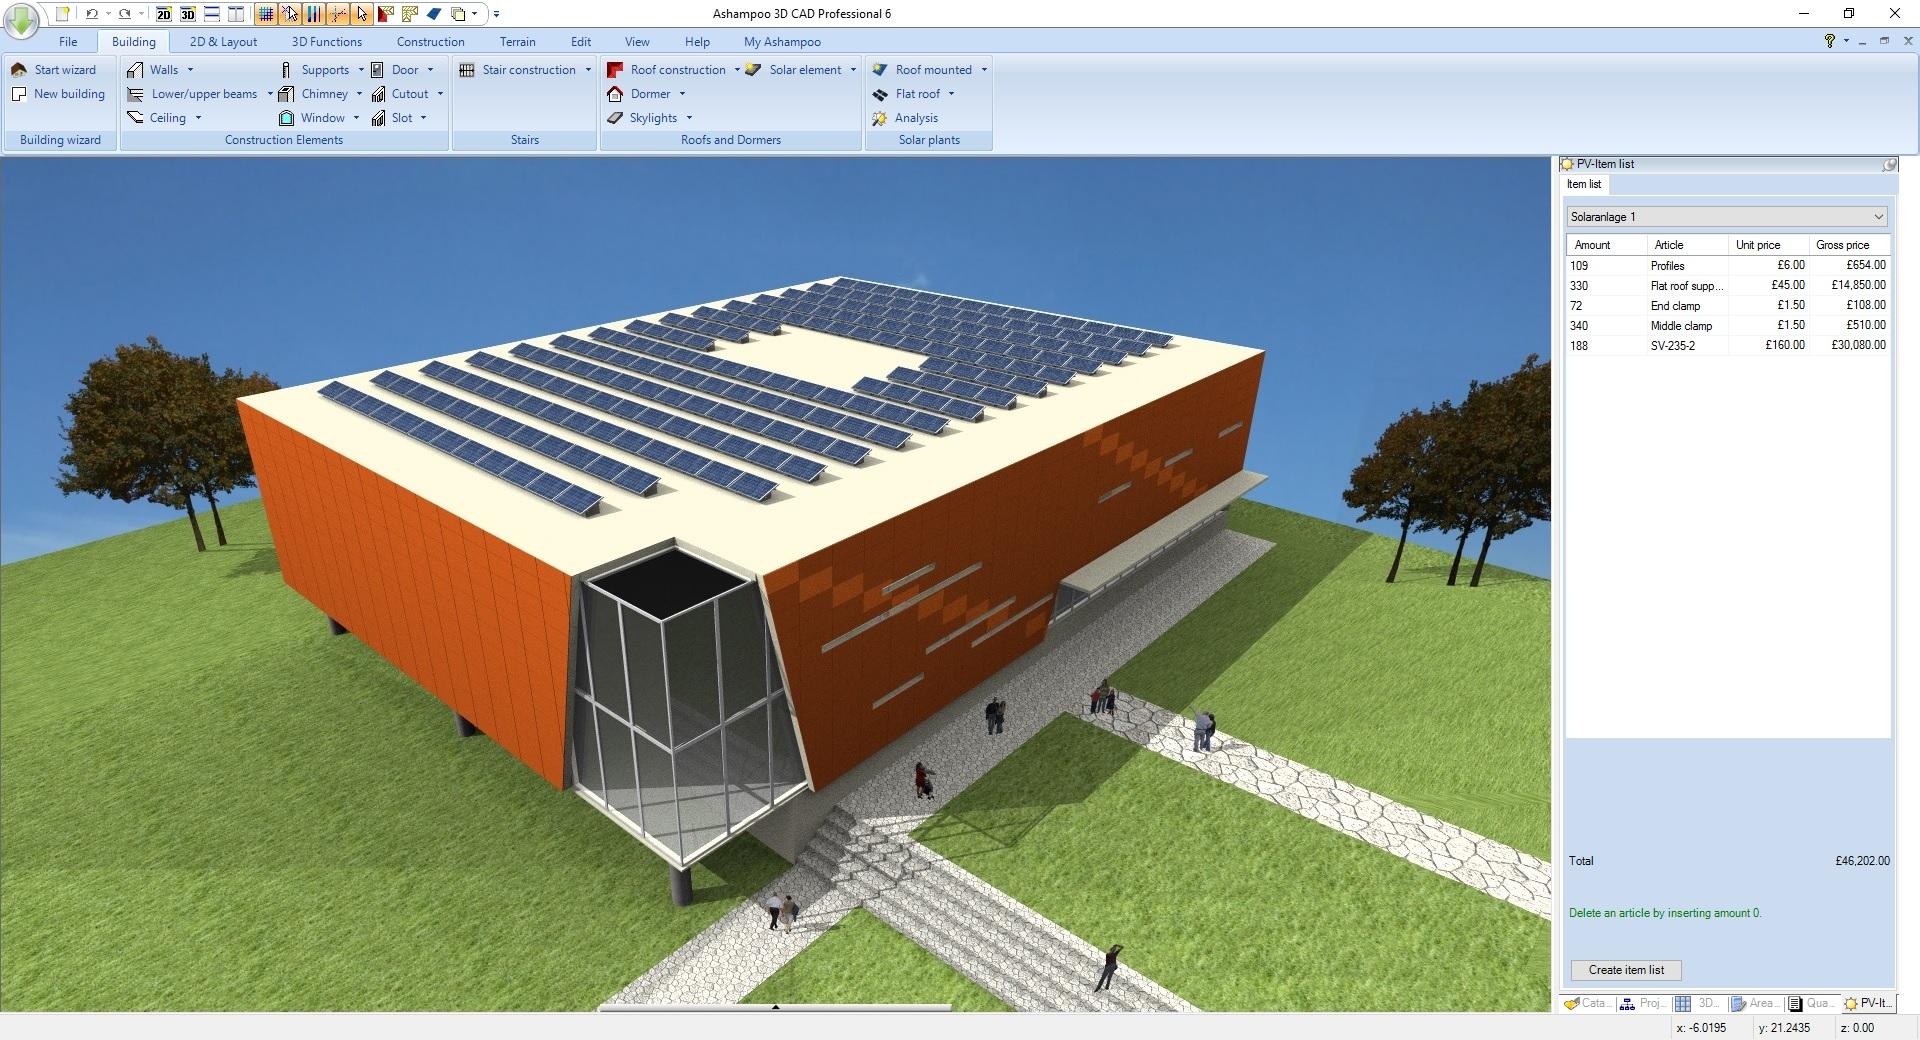 Ashampoo 3D CAD Professional 6 screenshot